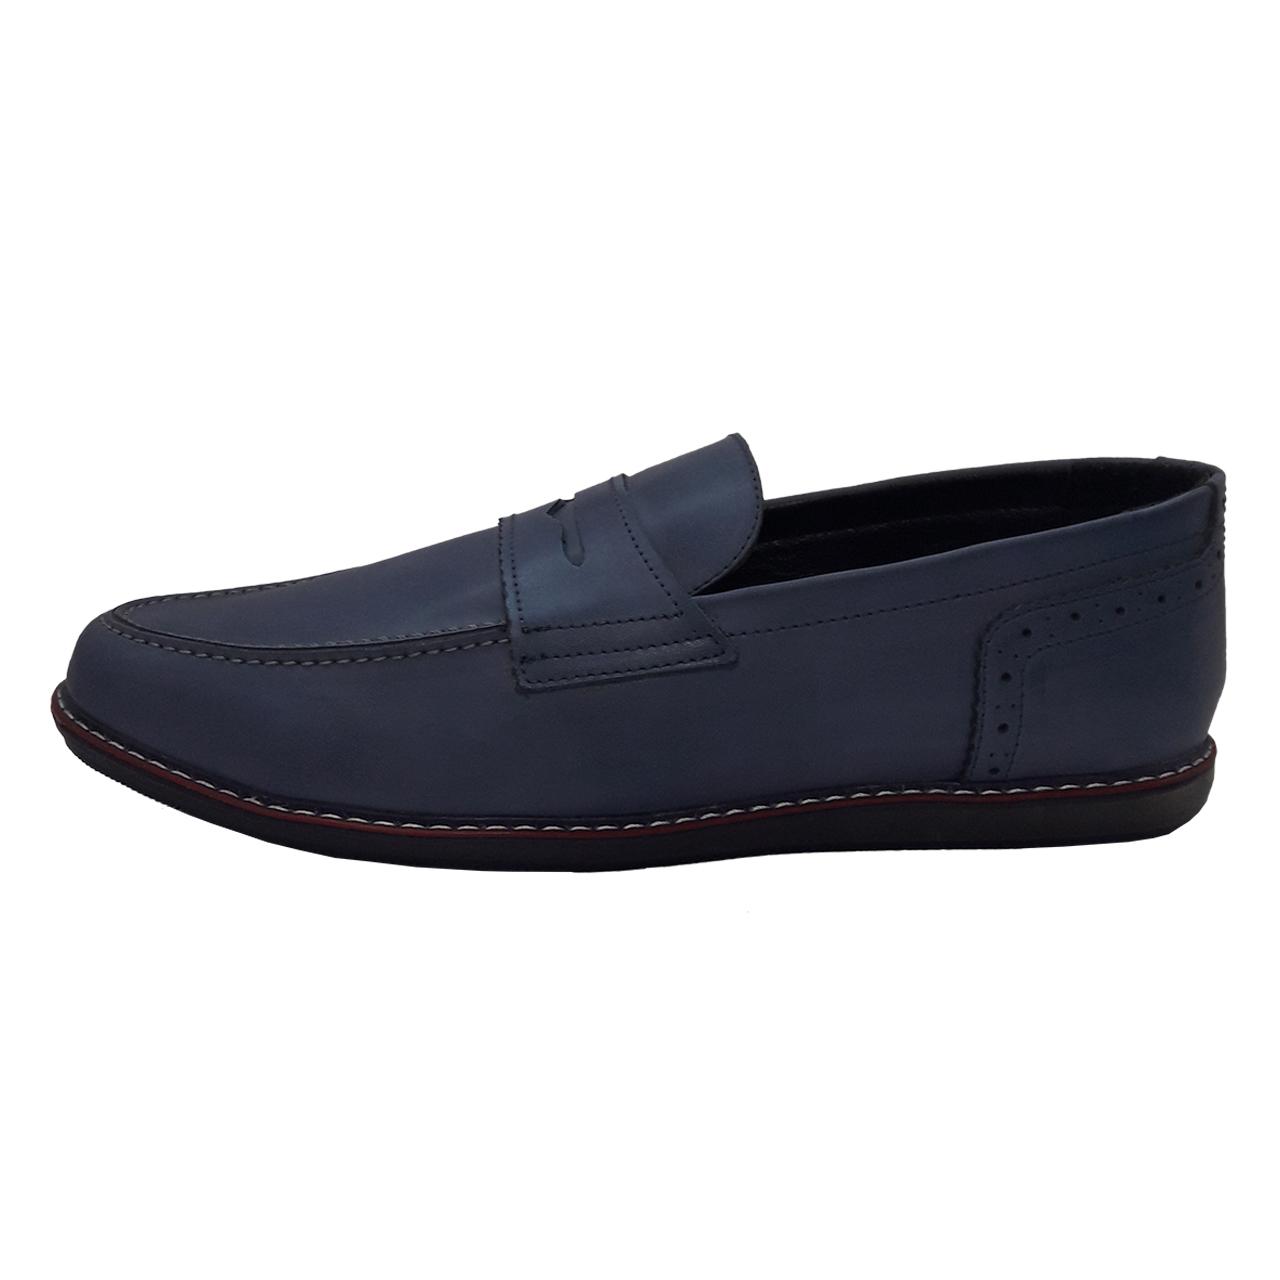 قیمت کفش مردانه لاماسو مدل Msm nvy 02